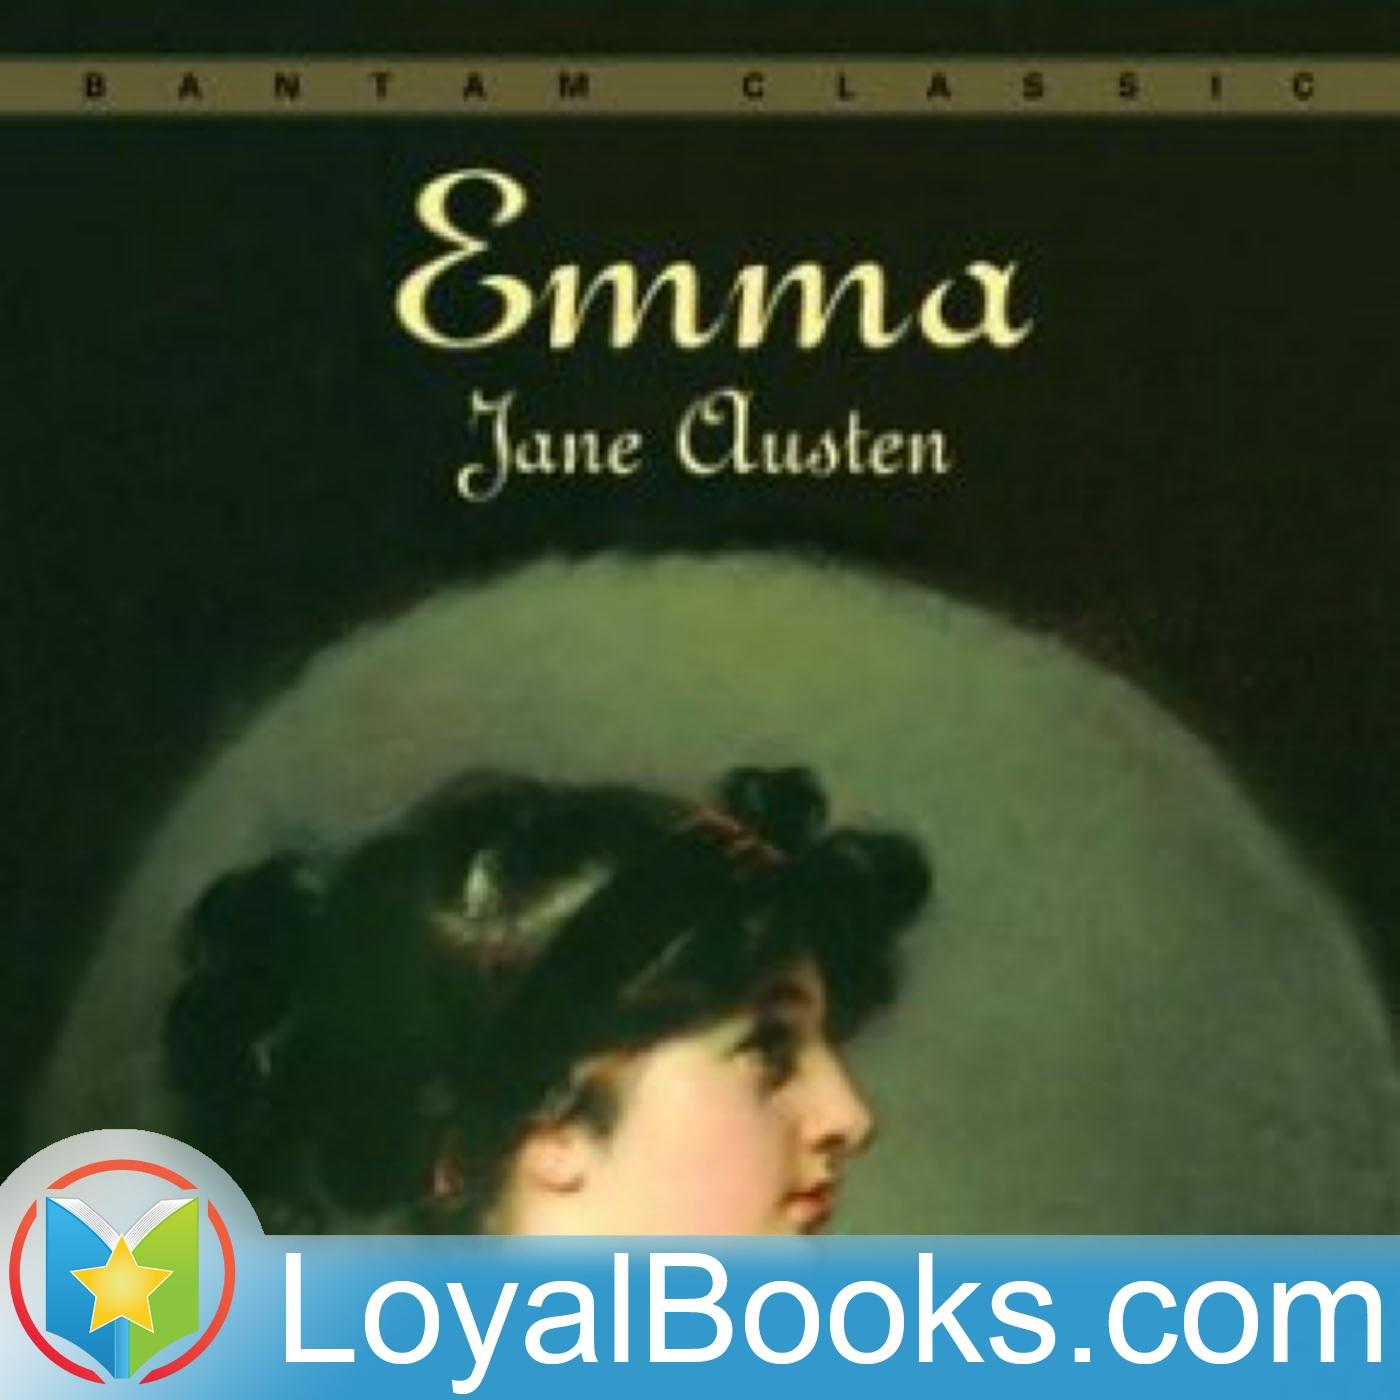 <![CDATA[Emma by Jane Austen]]>